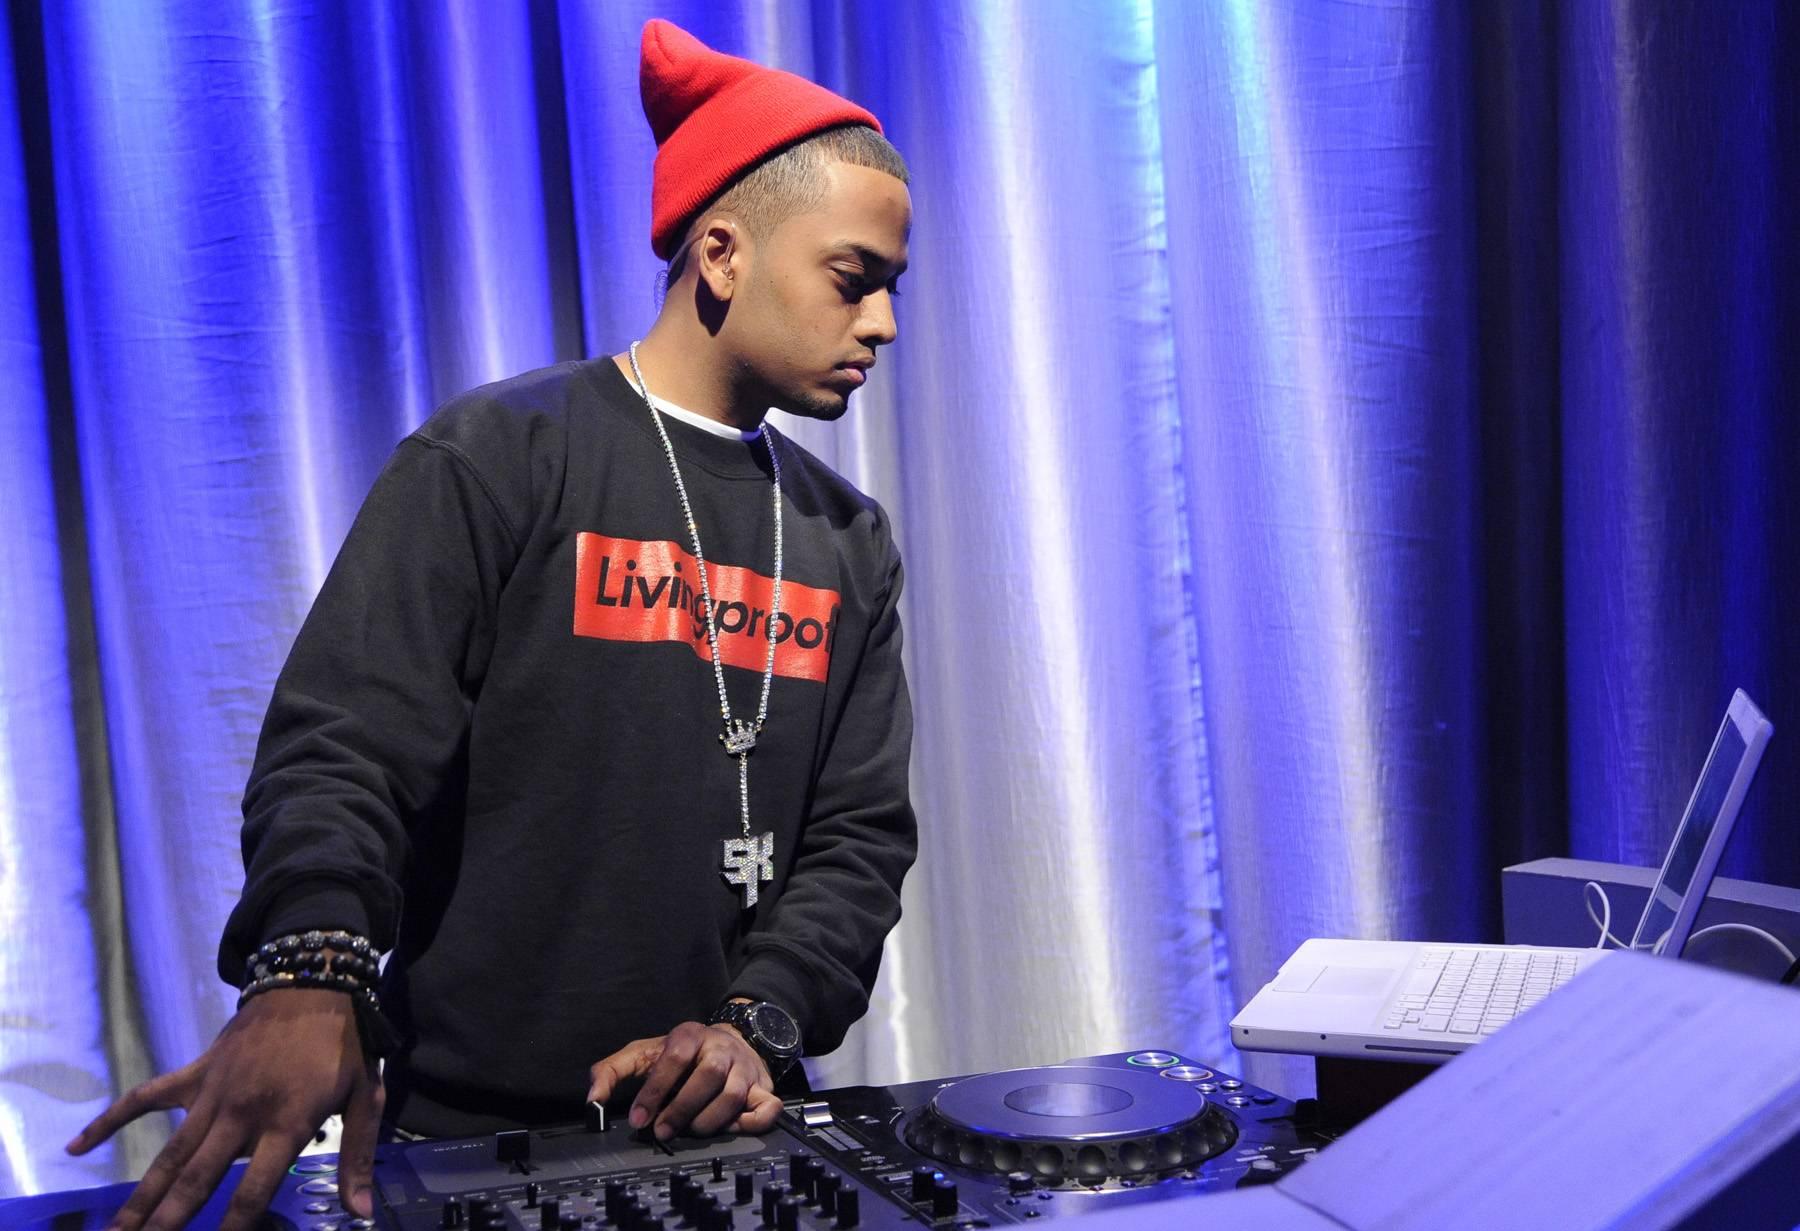 Spin That Track - DJ Spin King at 106 & Park, May 2, 2012. (Photo: John Ricard / BET)